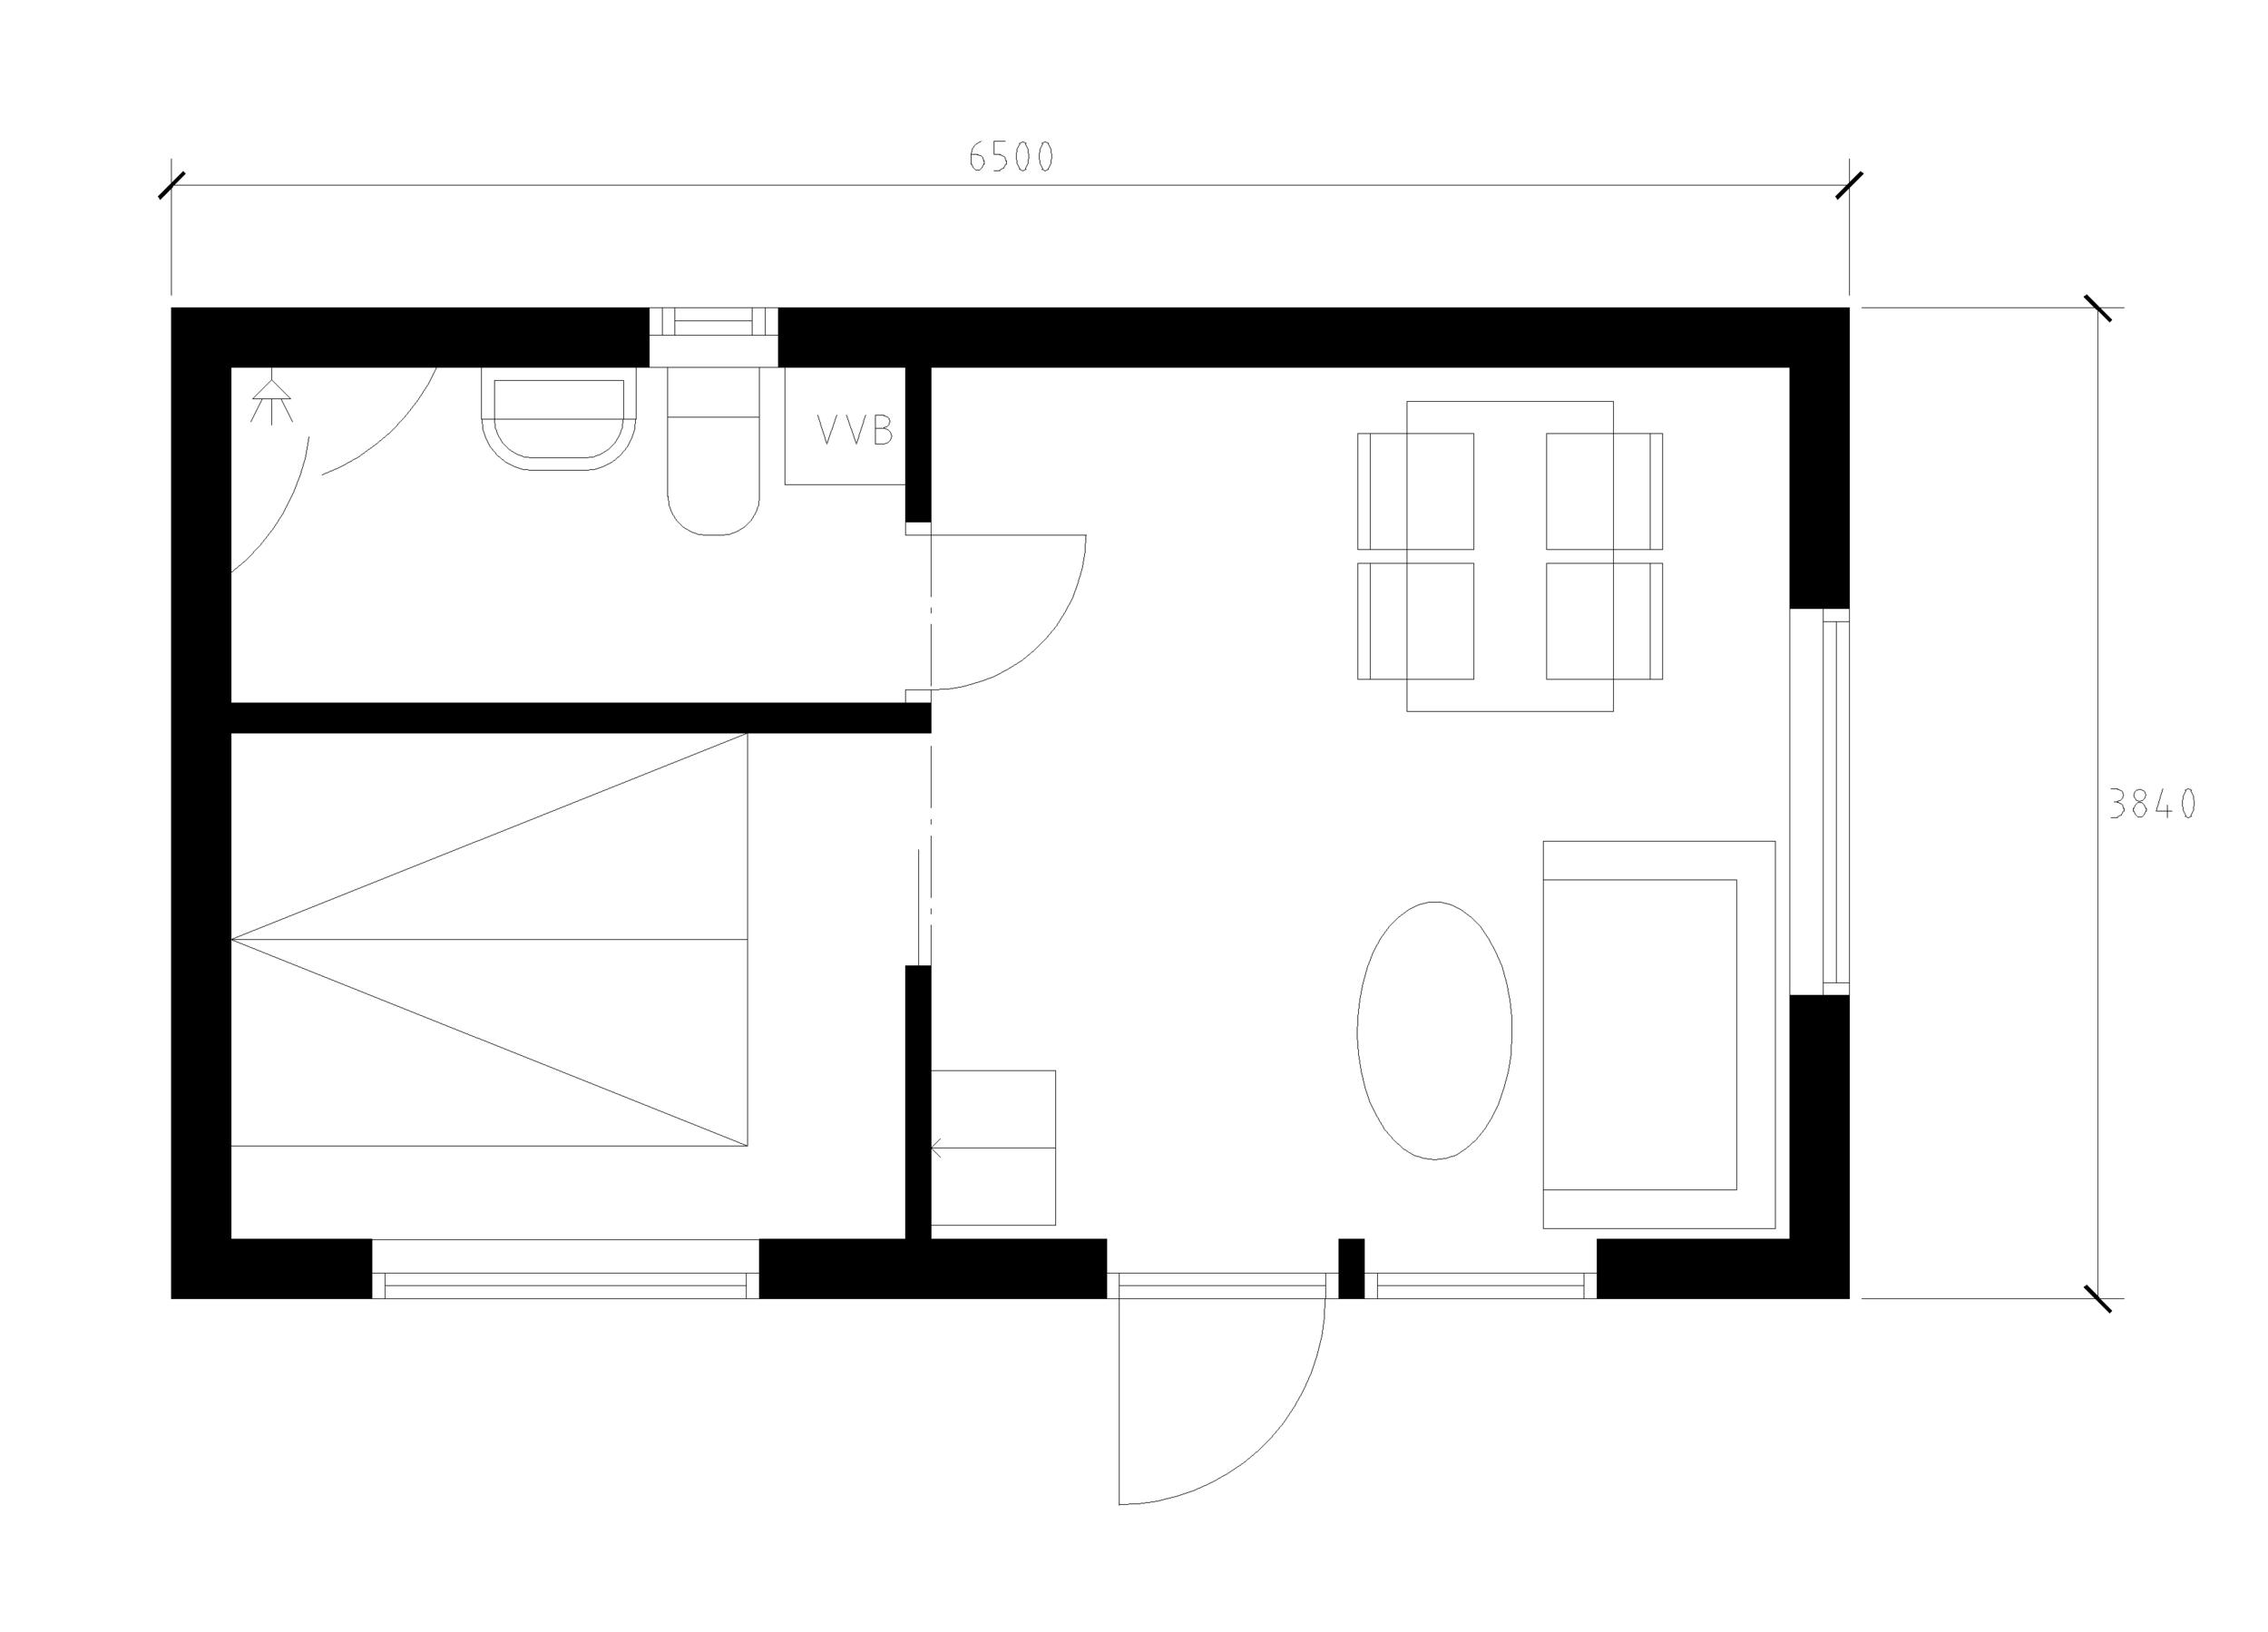 easy-house-attefallshus-åhus-25-loft-sovrum-badrum-allrum